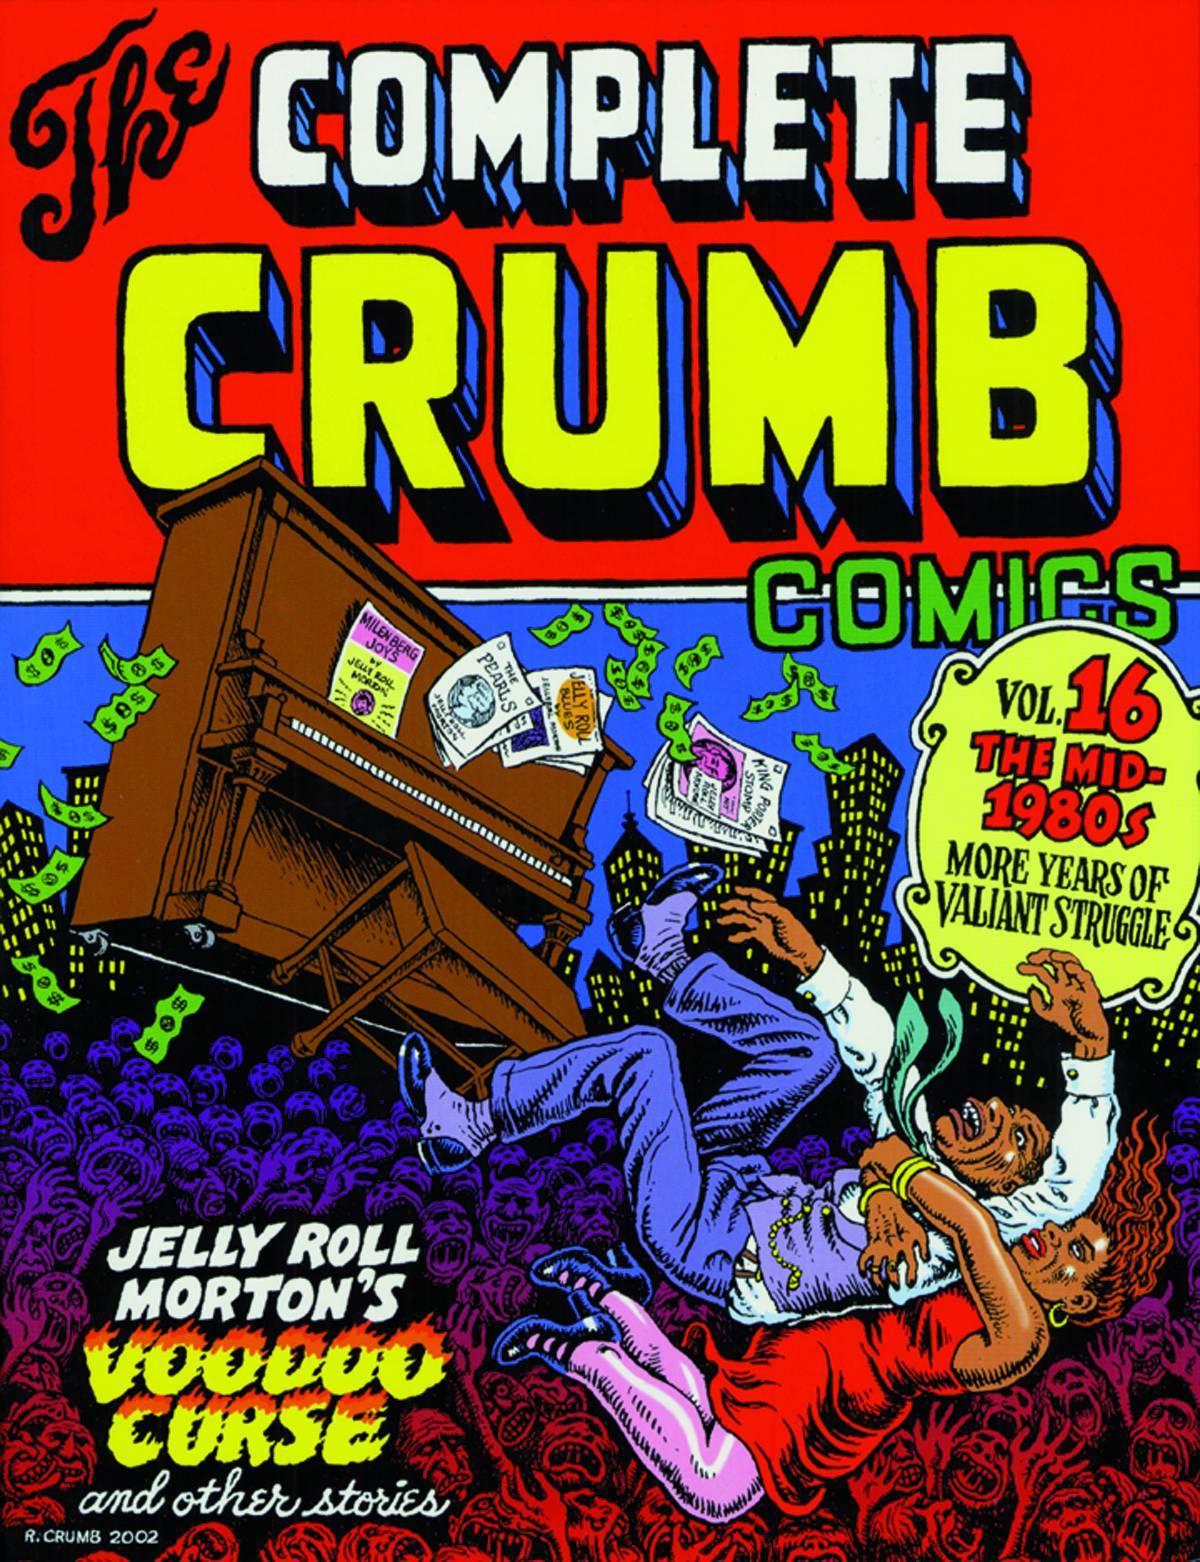 Complete Crumb Comics Vol 16 1980s More Struggl